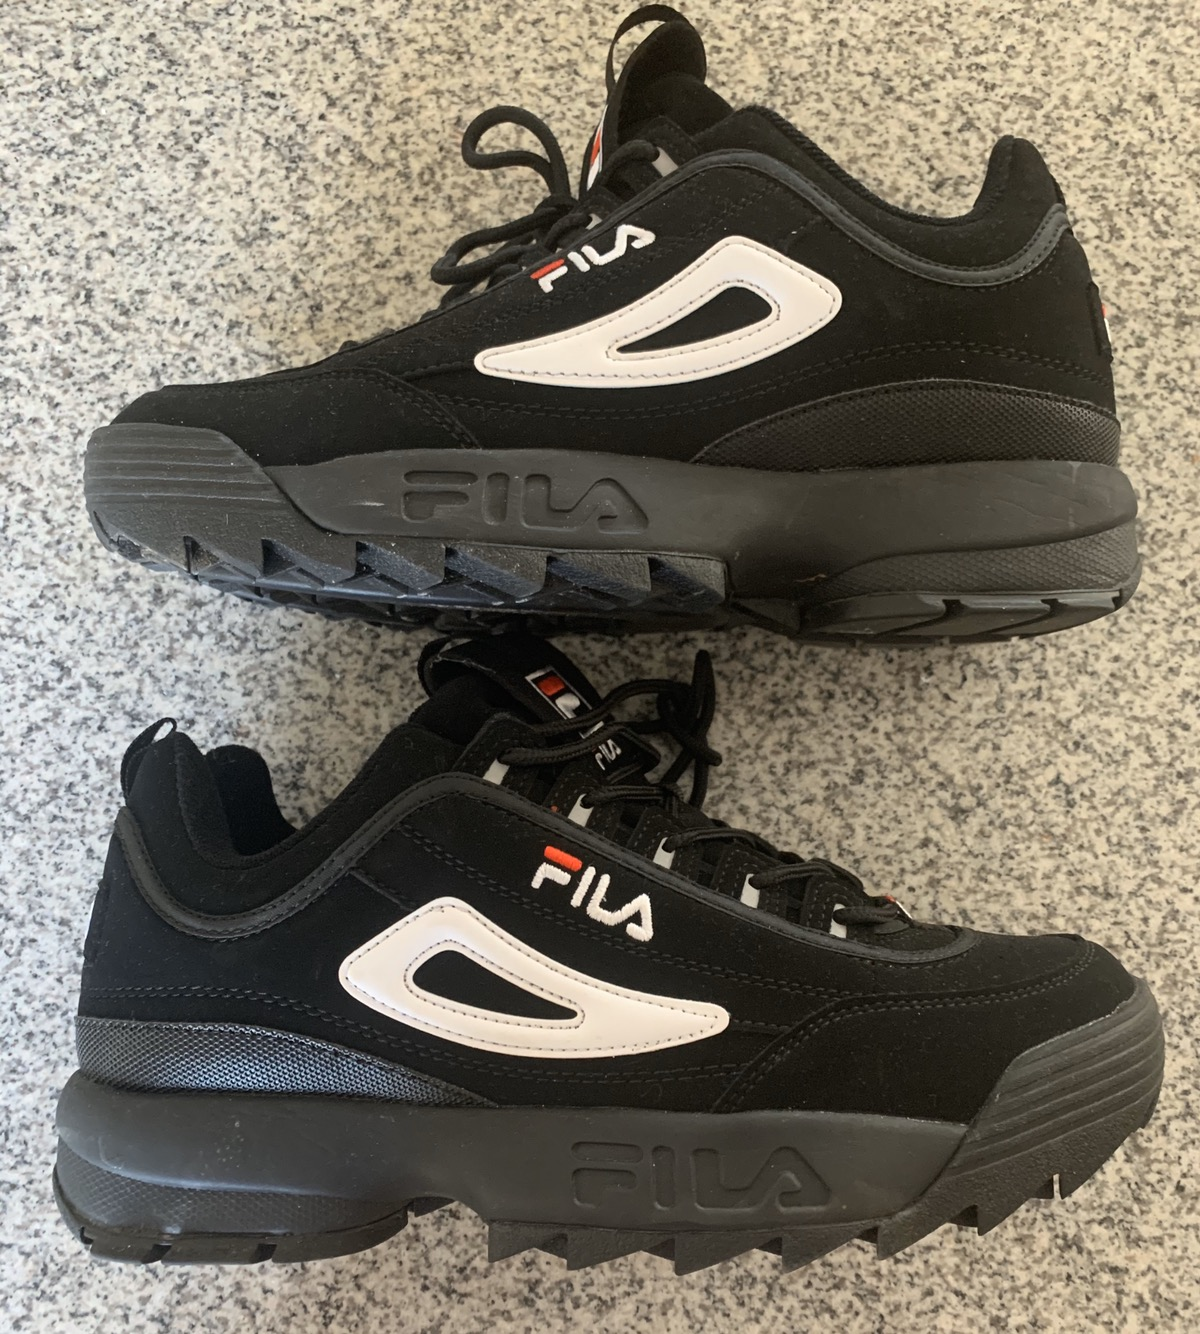 Men's Footwear, Pierre Cardin Griled  Grailed